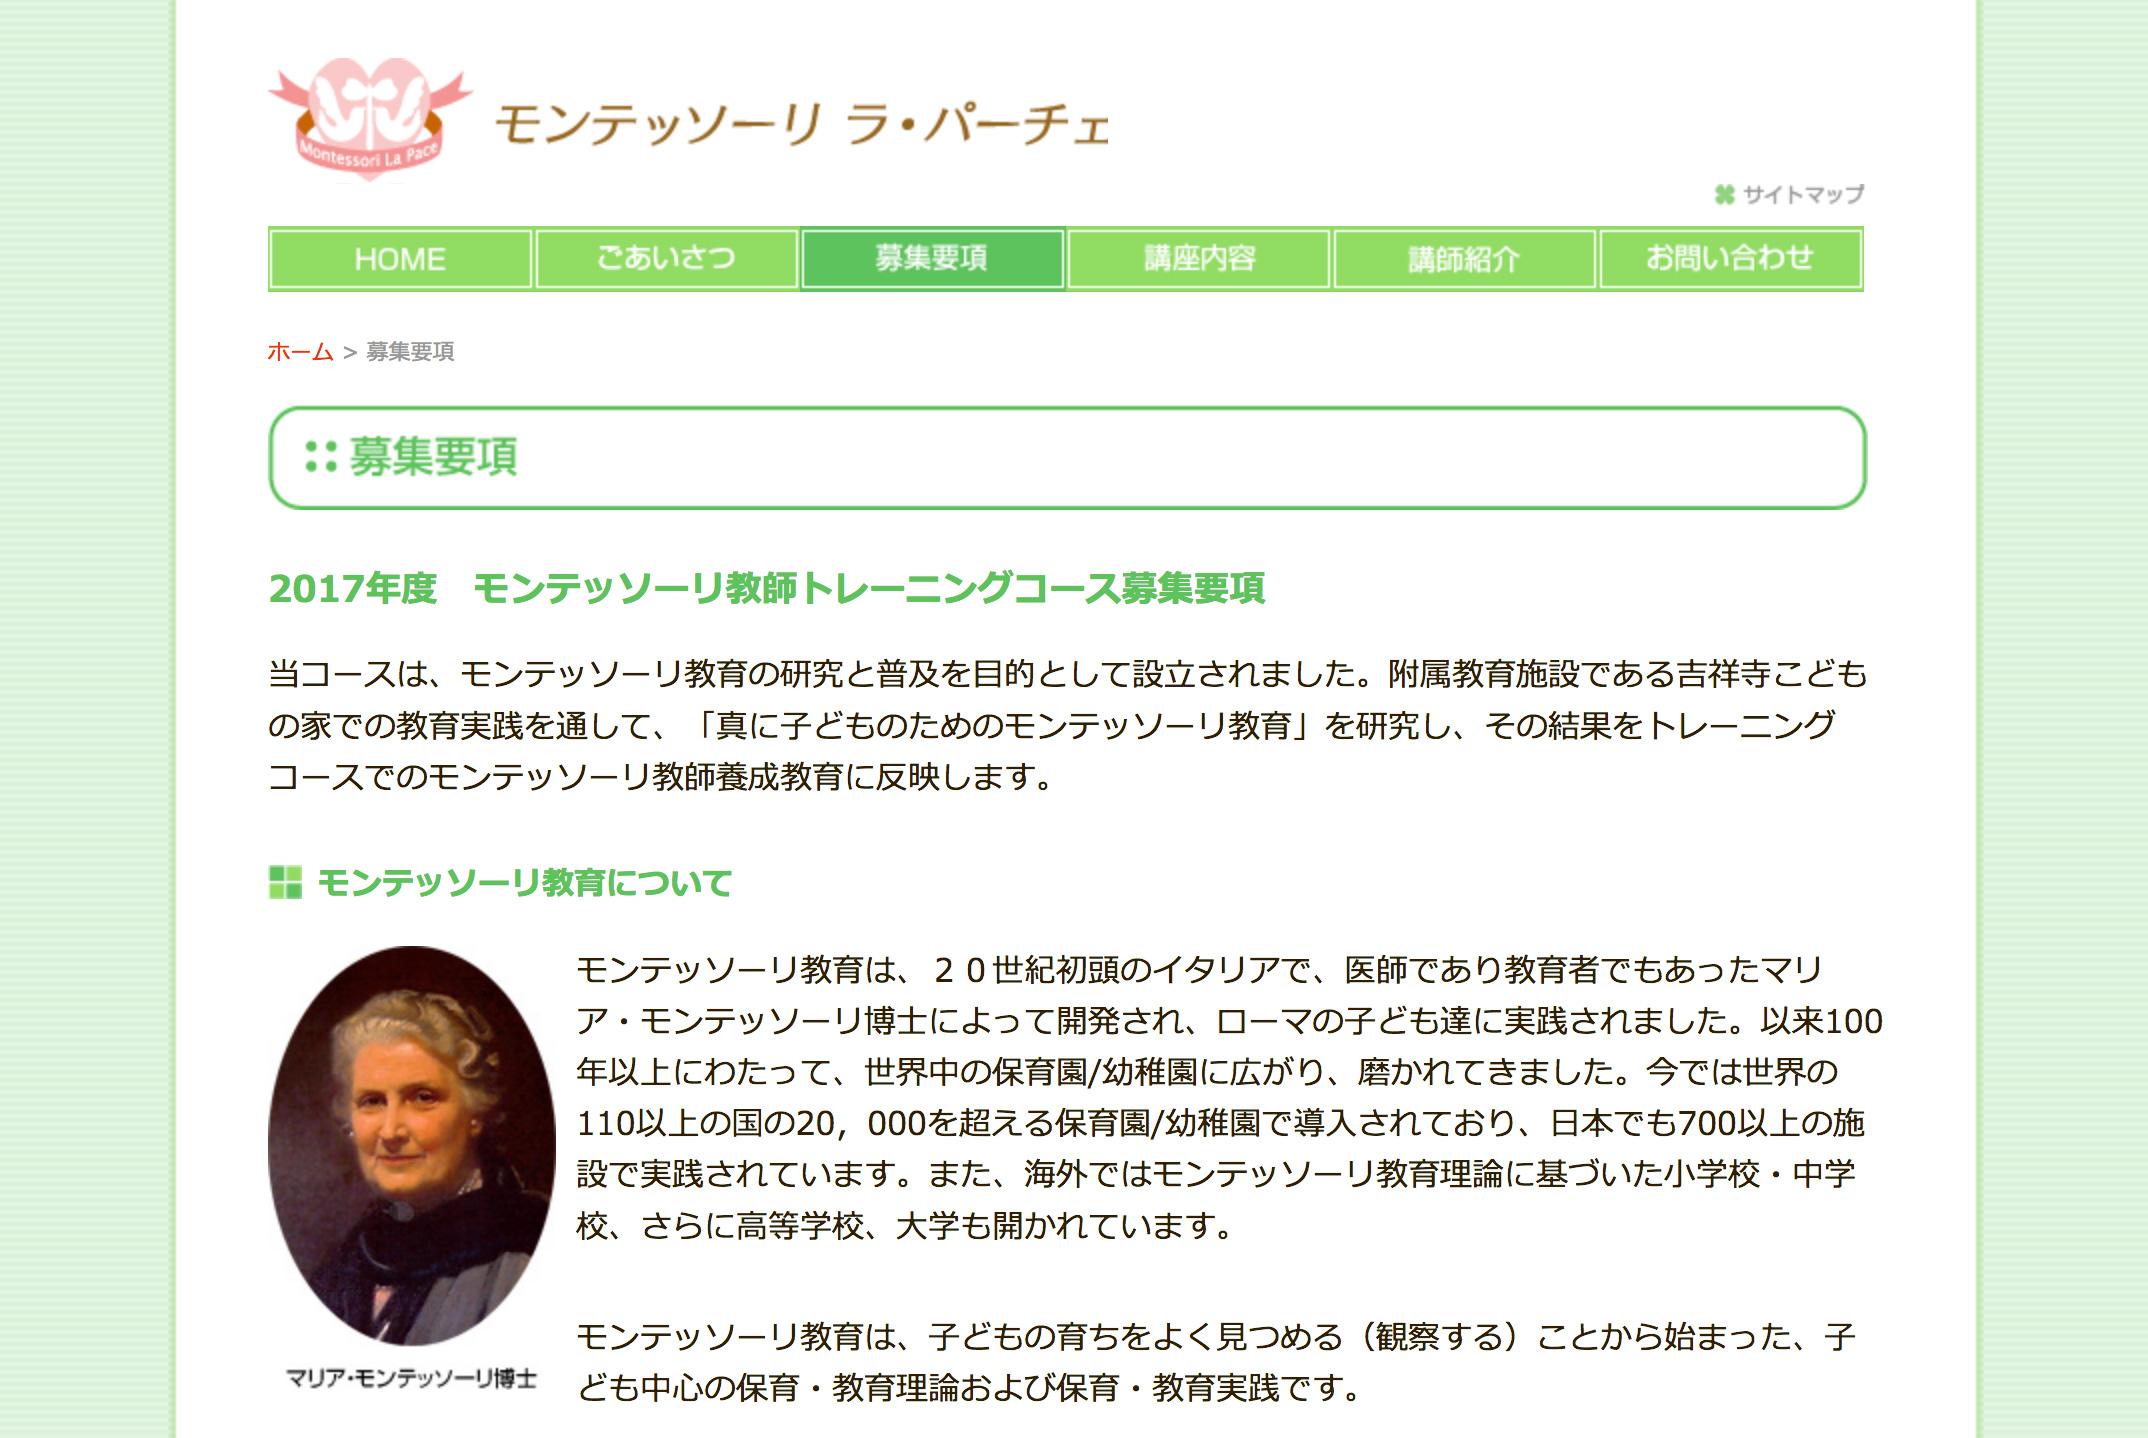 モンテッソーリ ラ・パーチェのホームページ